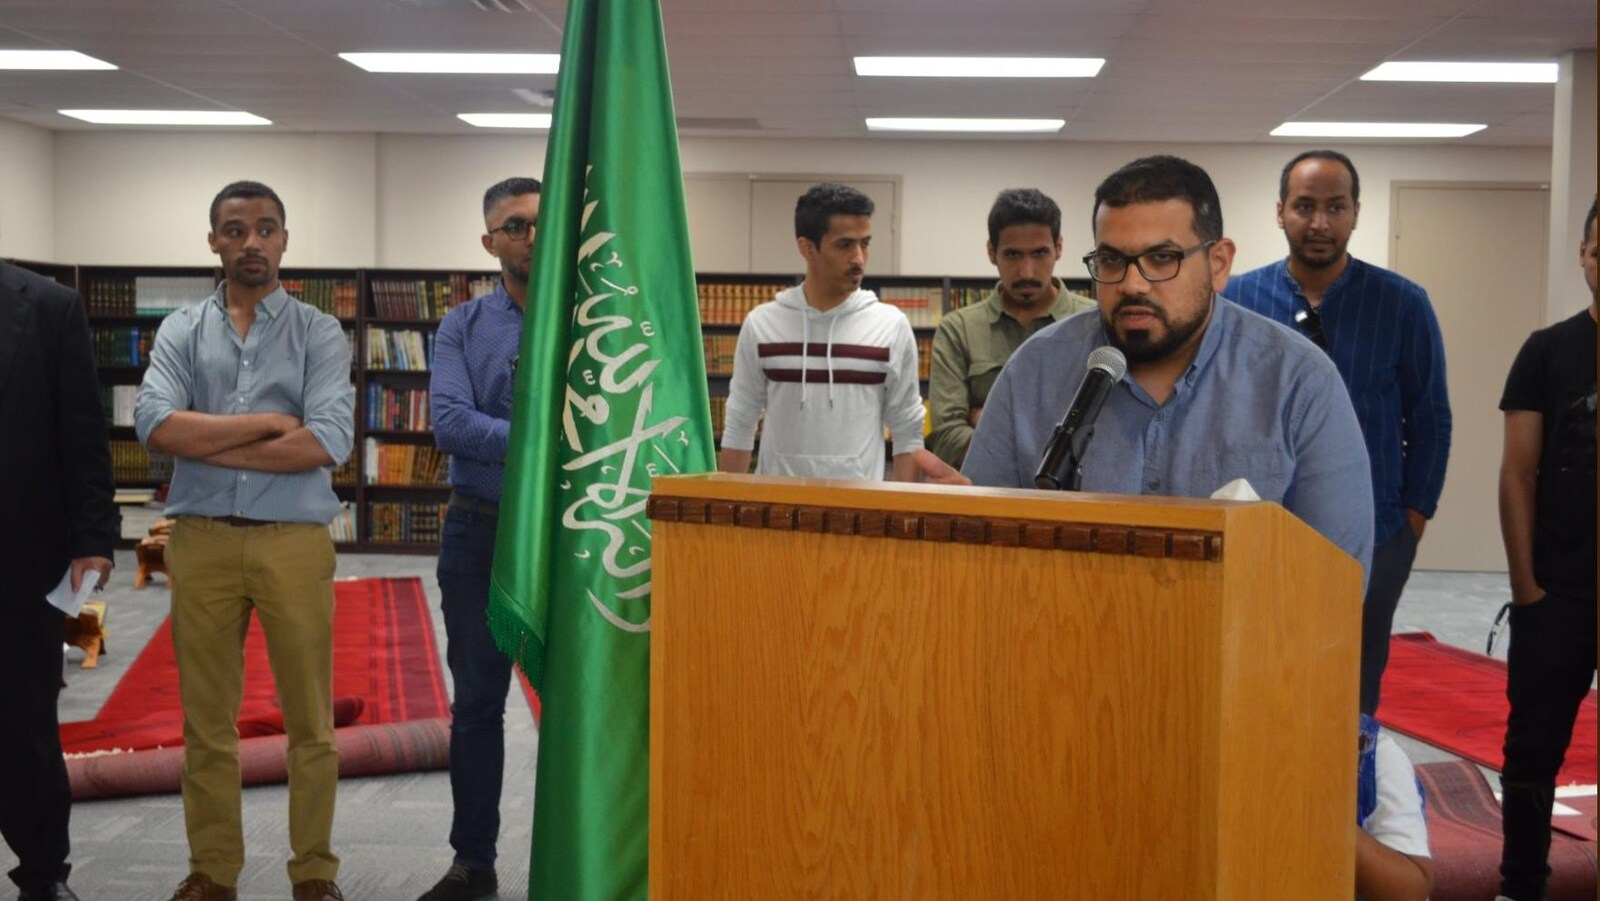 Un homme portant des lunettes parle au micro devant un pupitre. Derrière lui, plusieurs hommes sont debout derrière le drapeau saoudien.